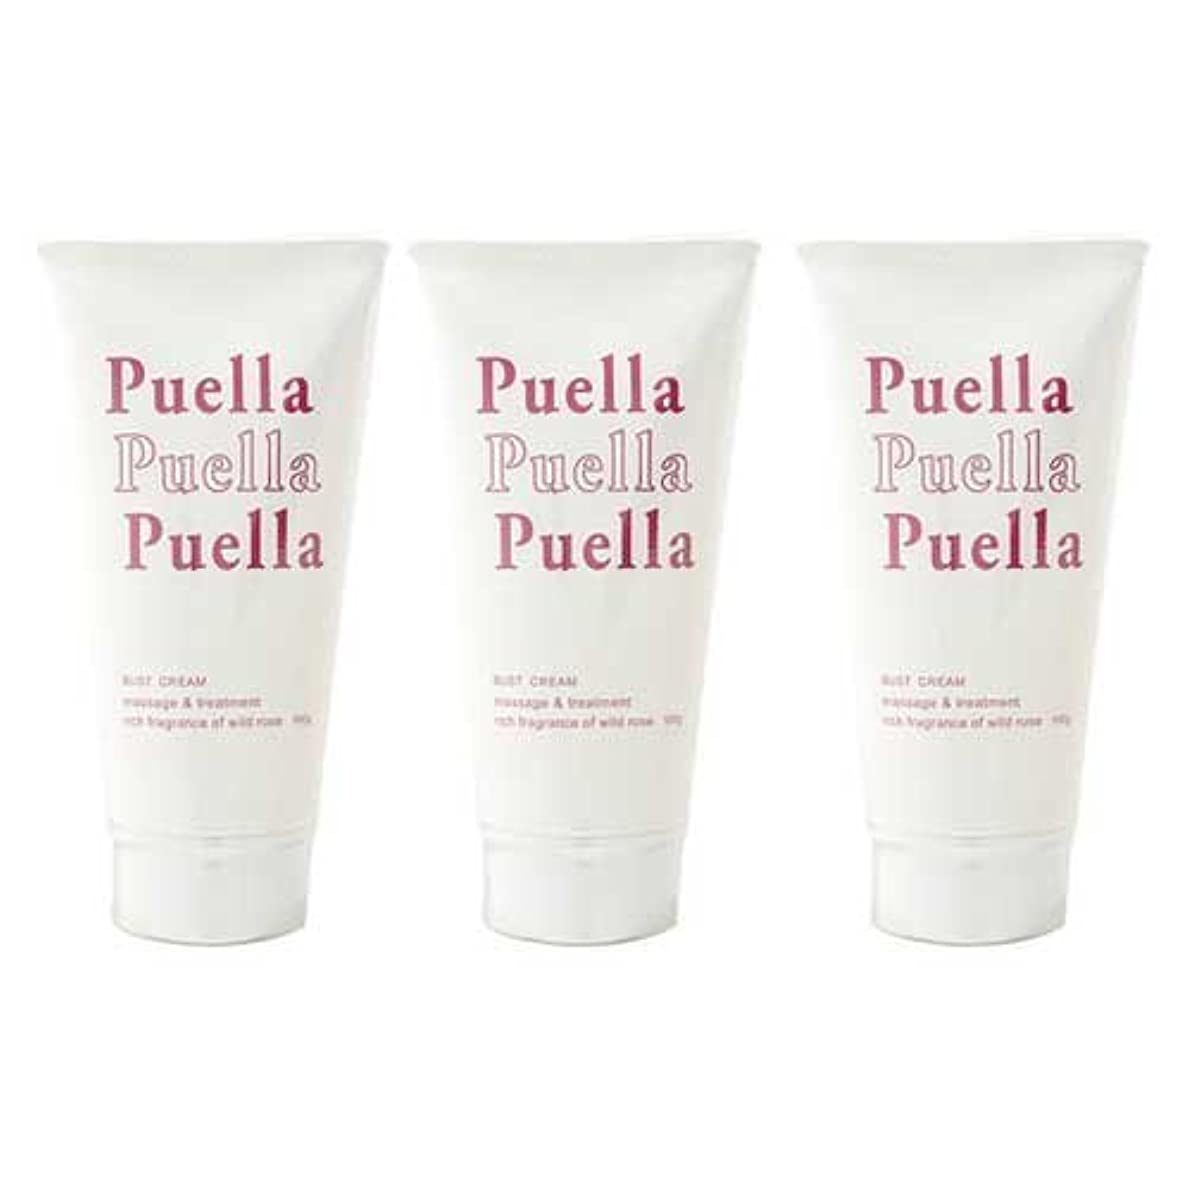 キャンベラそれに応じてフィクション3個セット puella(プエルラ)